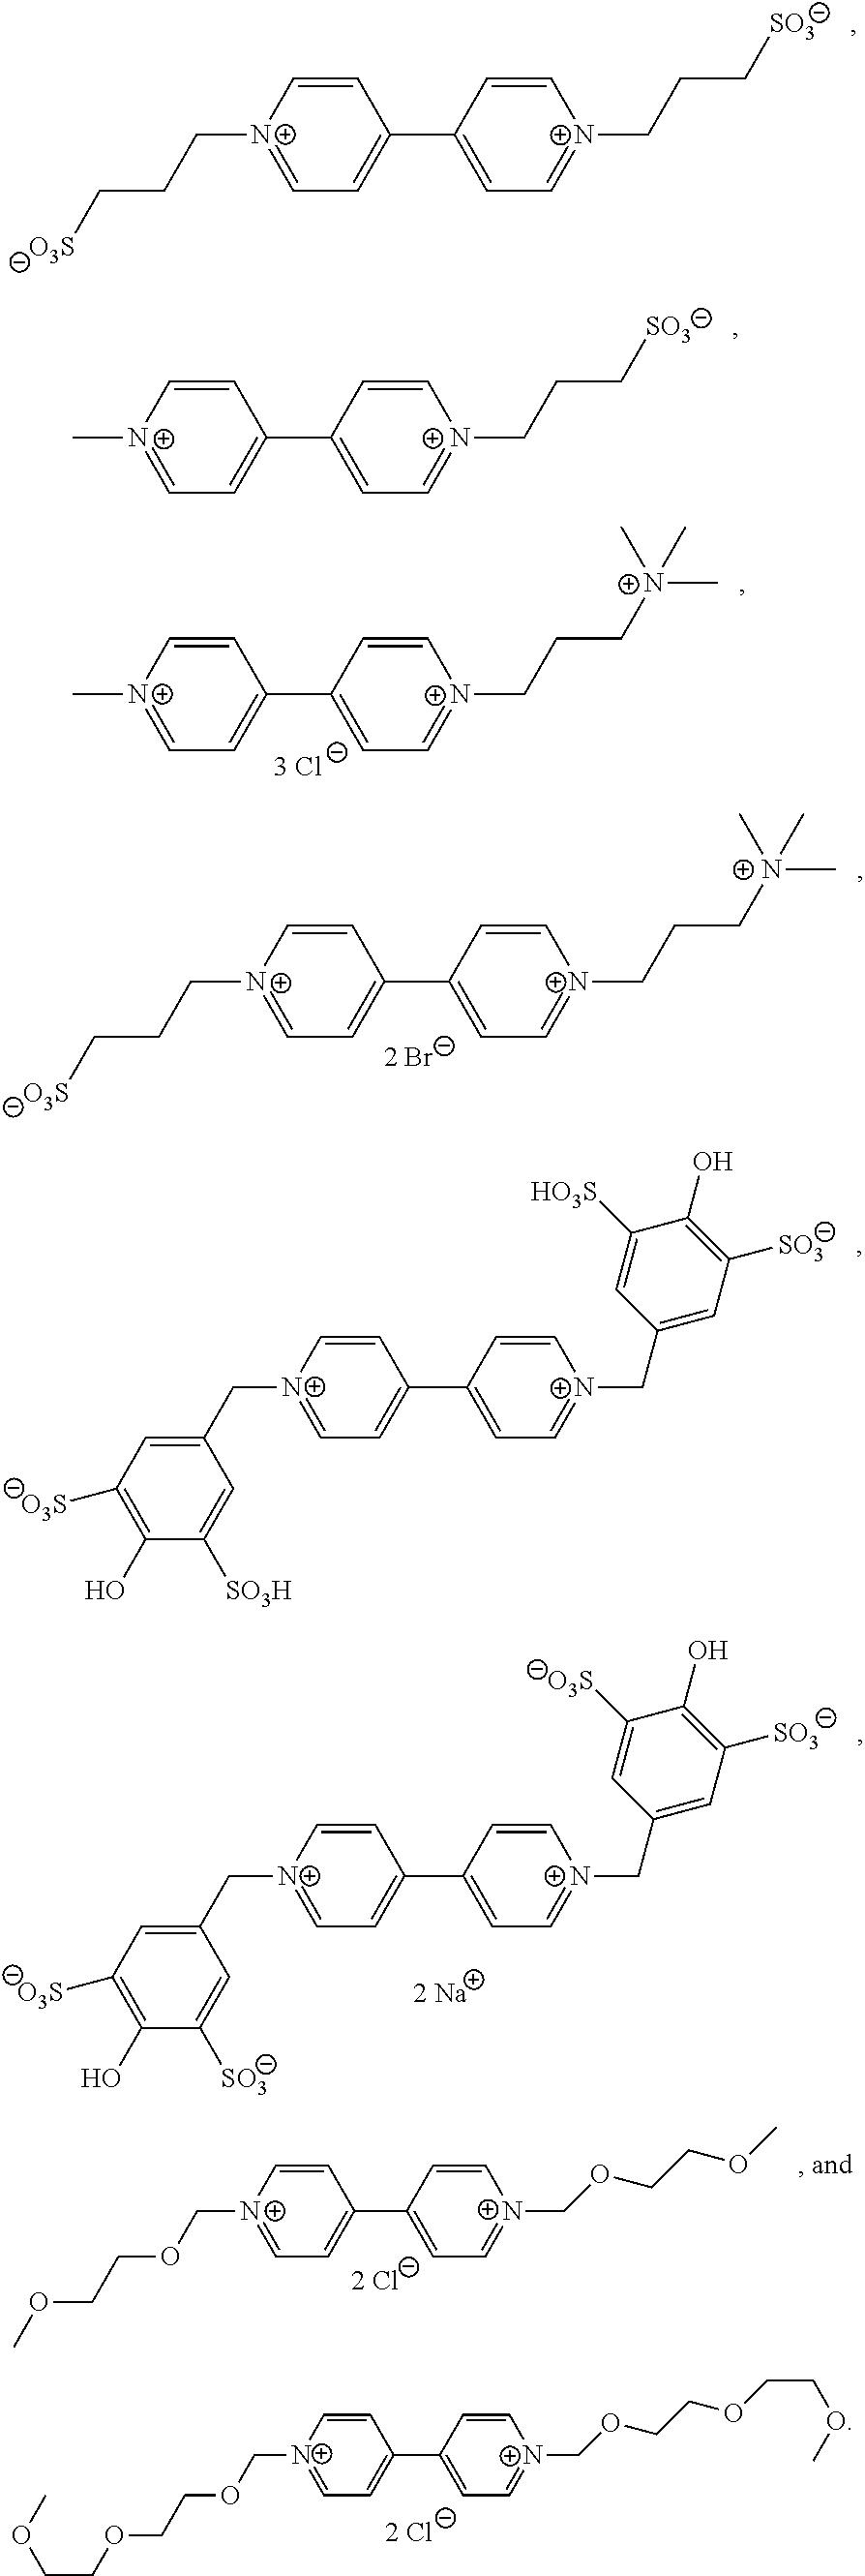 Figure US20180072669A1-20180315-C00077